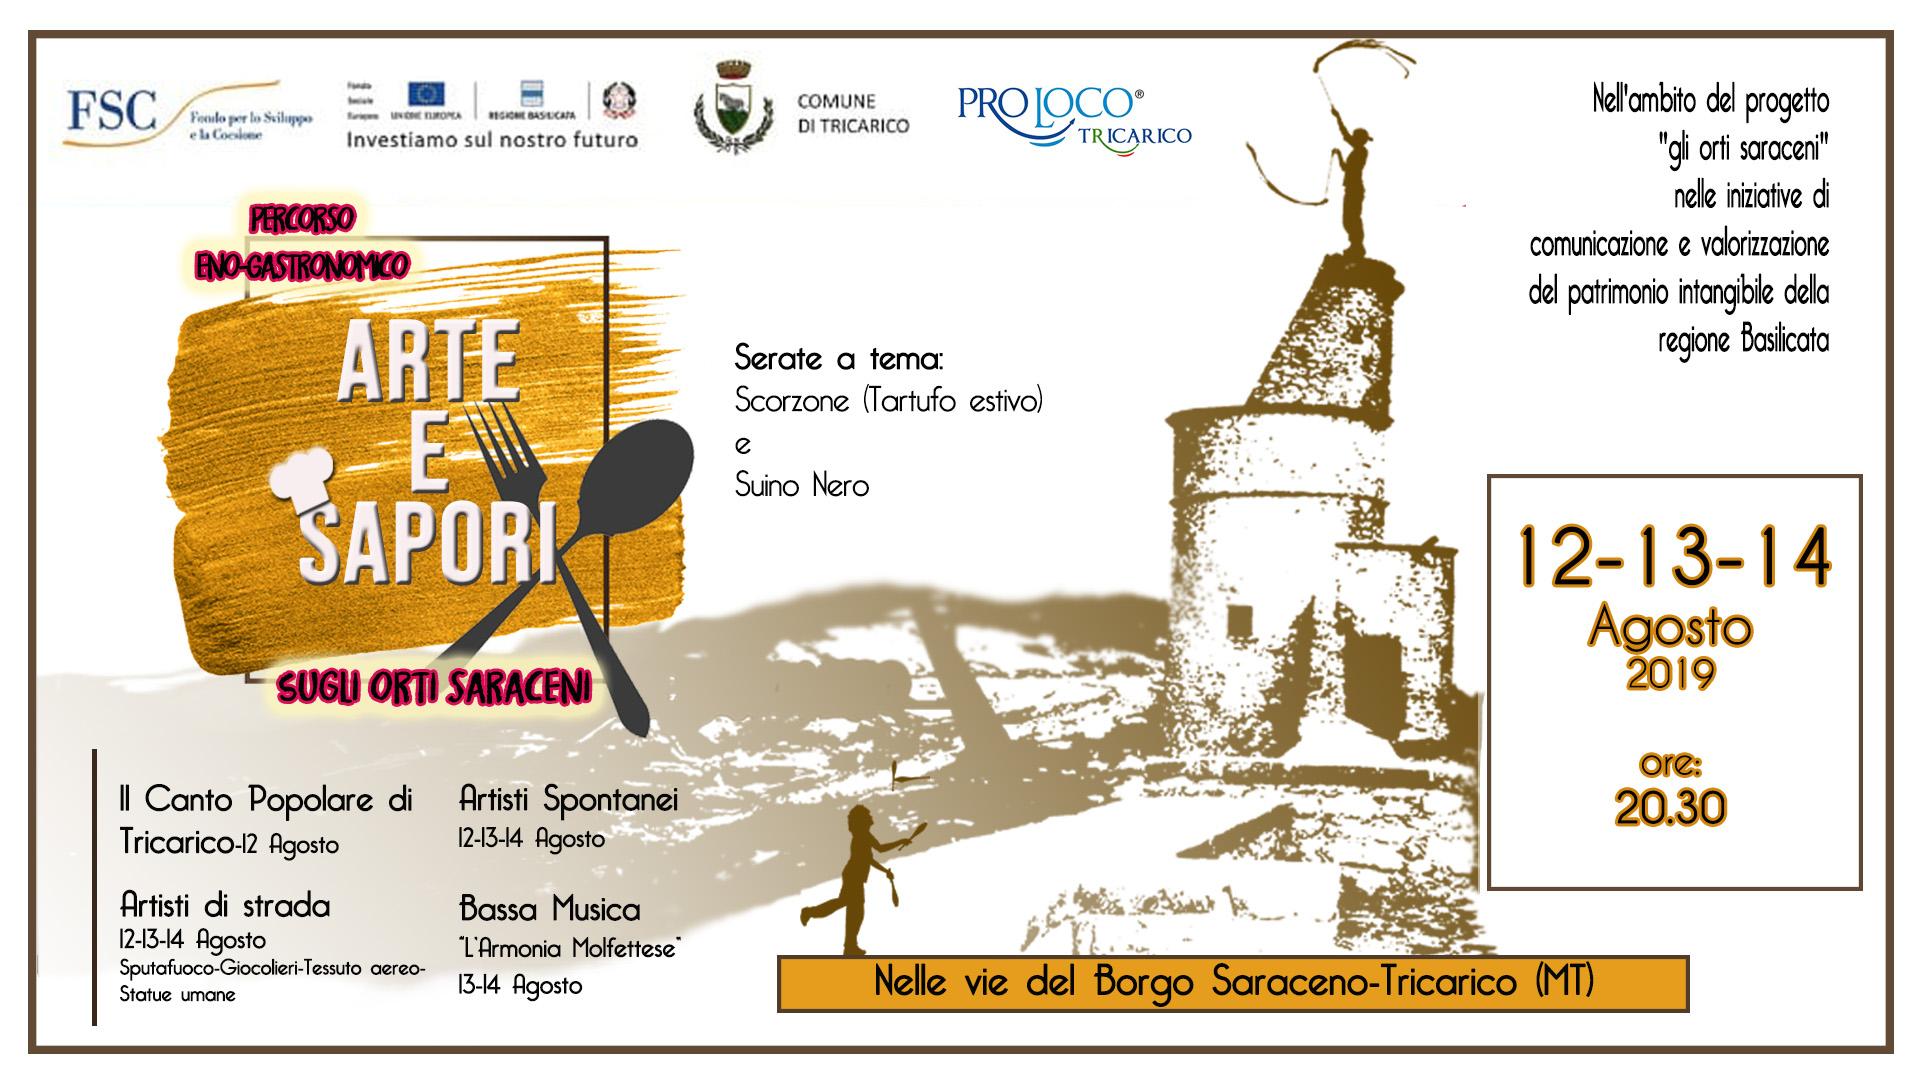 """Percorso eno-gastronomico: """"Arte e Sapori"""" sugli Orti Saraceni"""